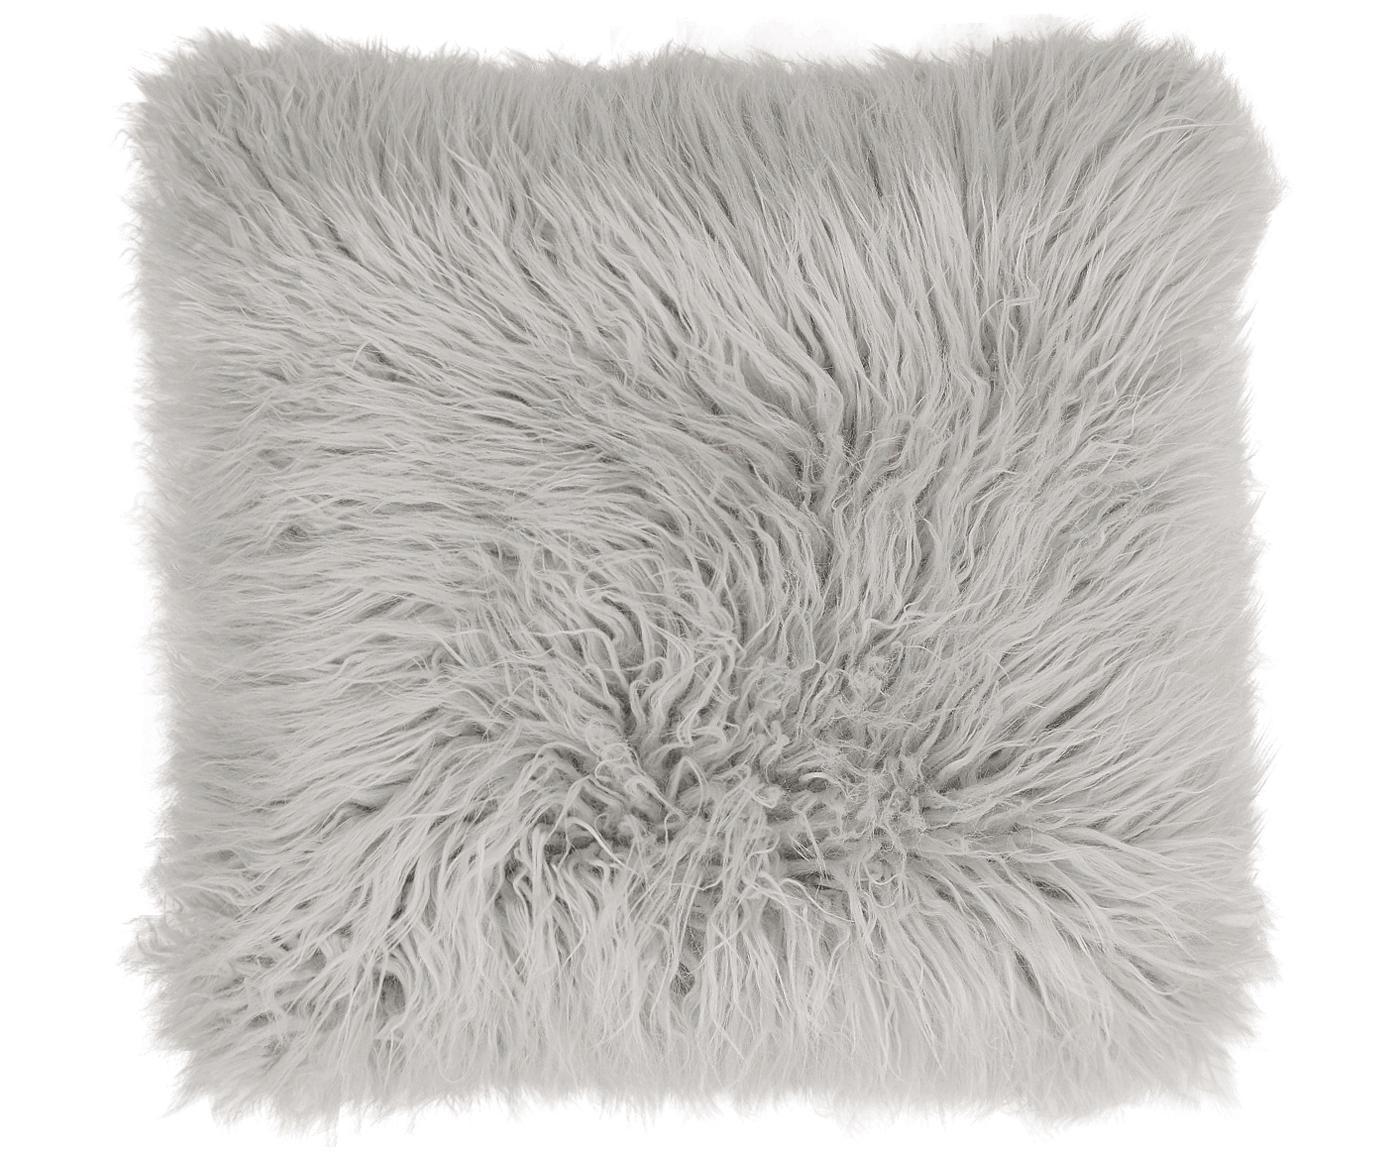 Flauschige Kunstfell-Kissenhülle Morten, gelockt, Vorderseite: 67% Akryl, 33% Polyester, Rückseite: 100% Polyester, Hellgrau, 40 x 40 cm